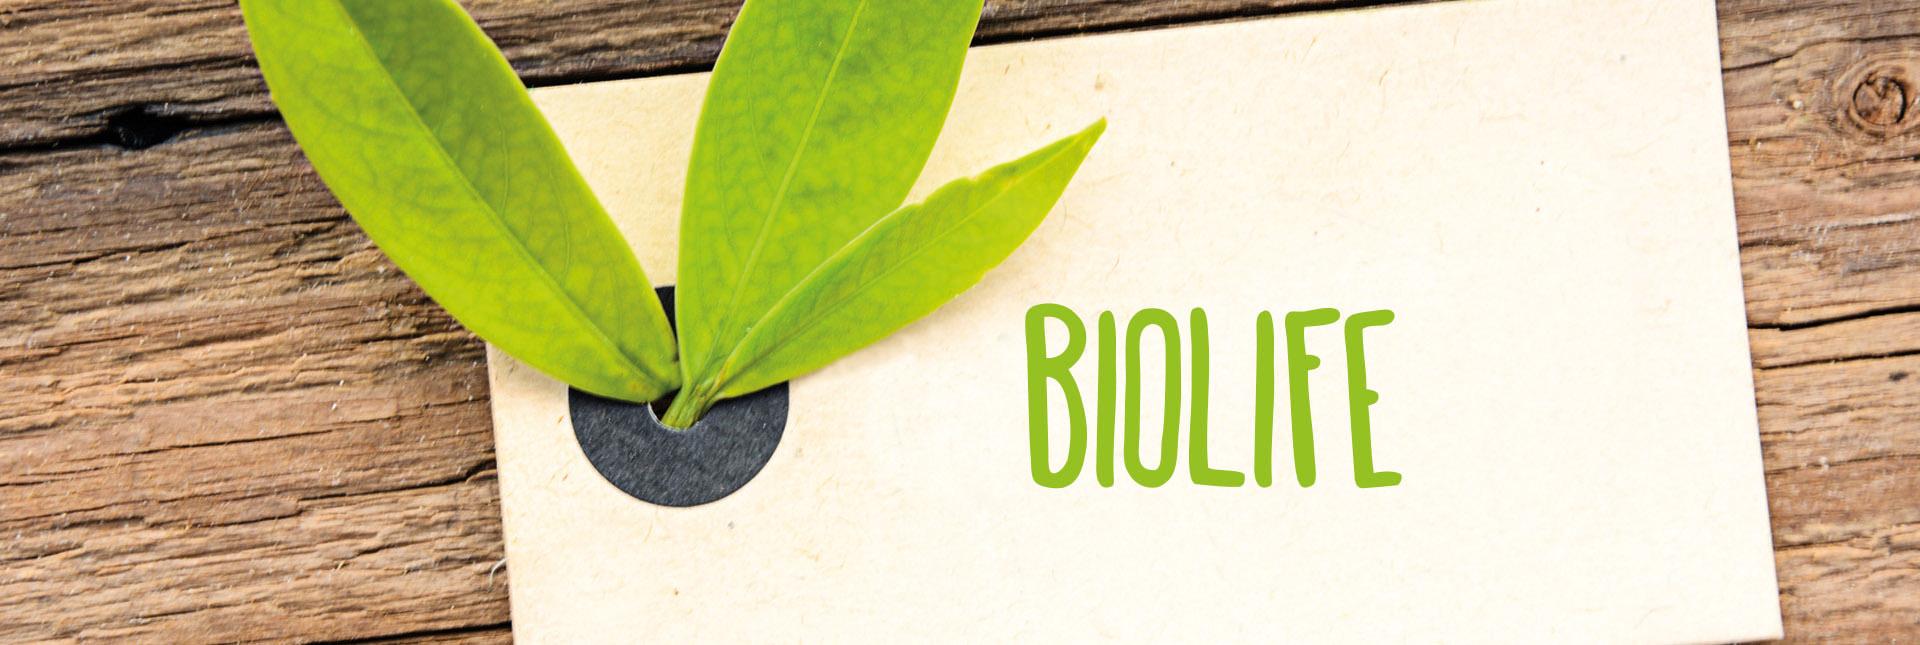 biolife-banner2